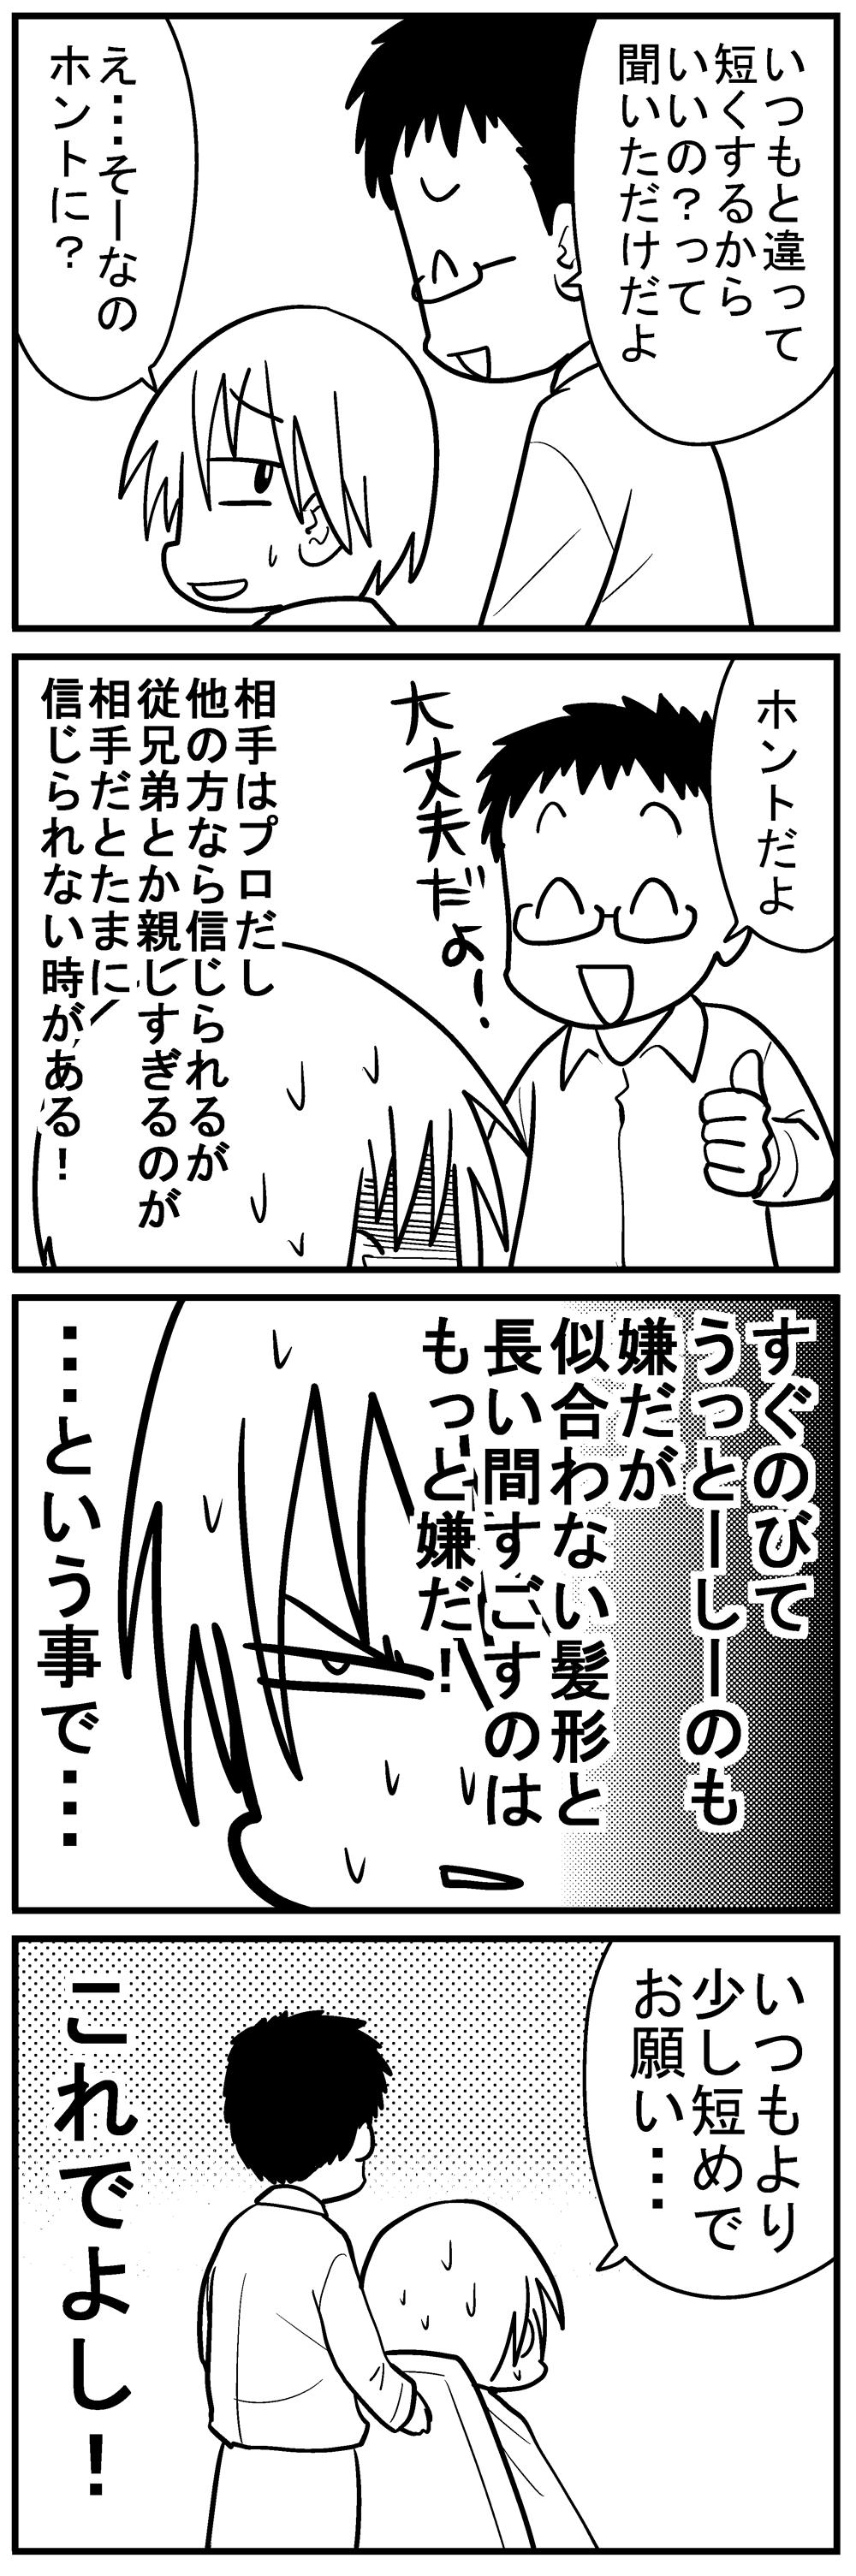 深読みくん122 4